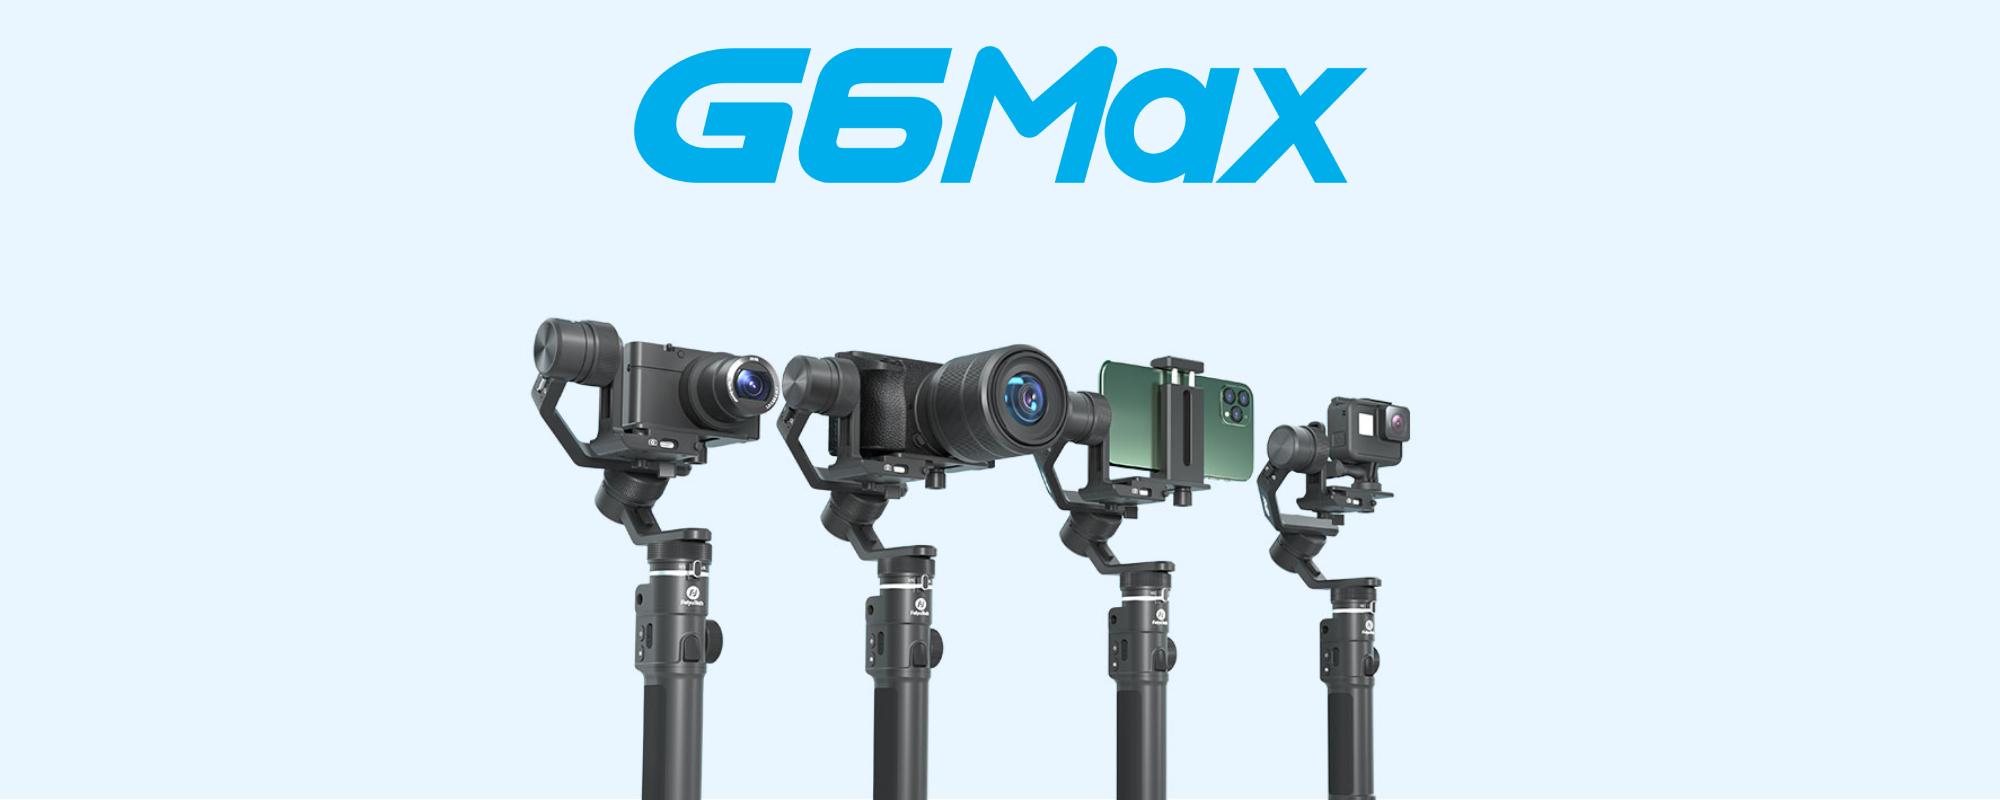 Grafika pokazująca szerokie zastosowanie gimabala G6 Max